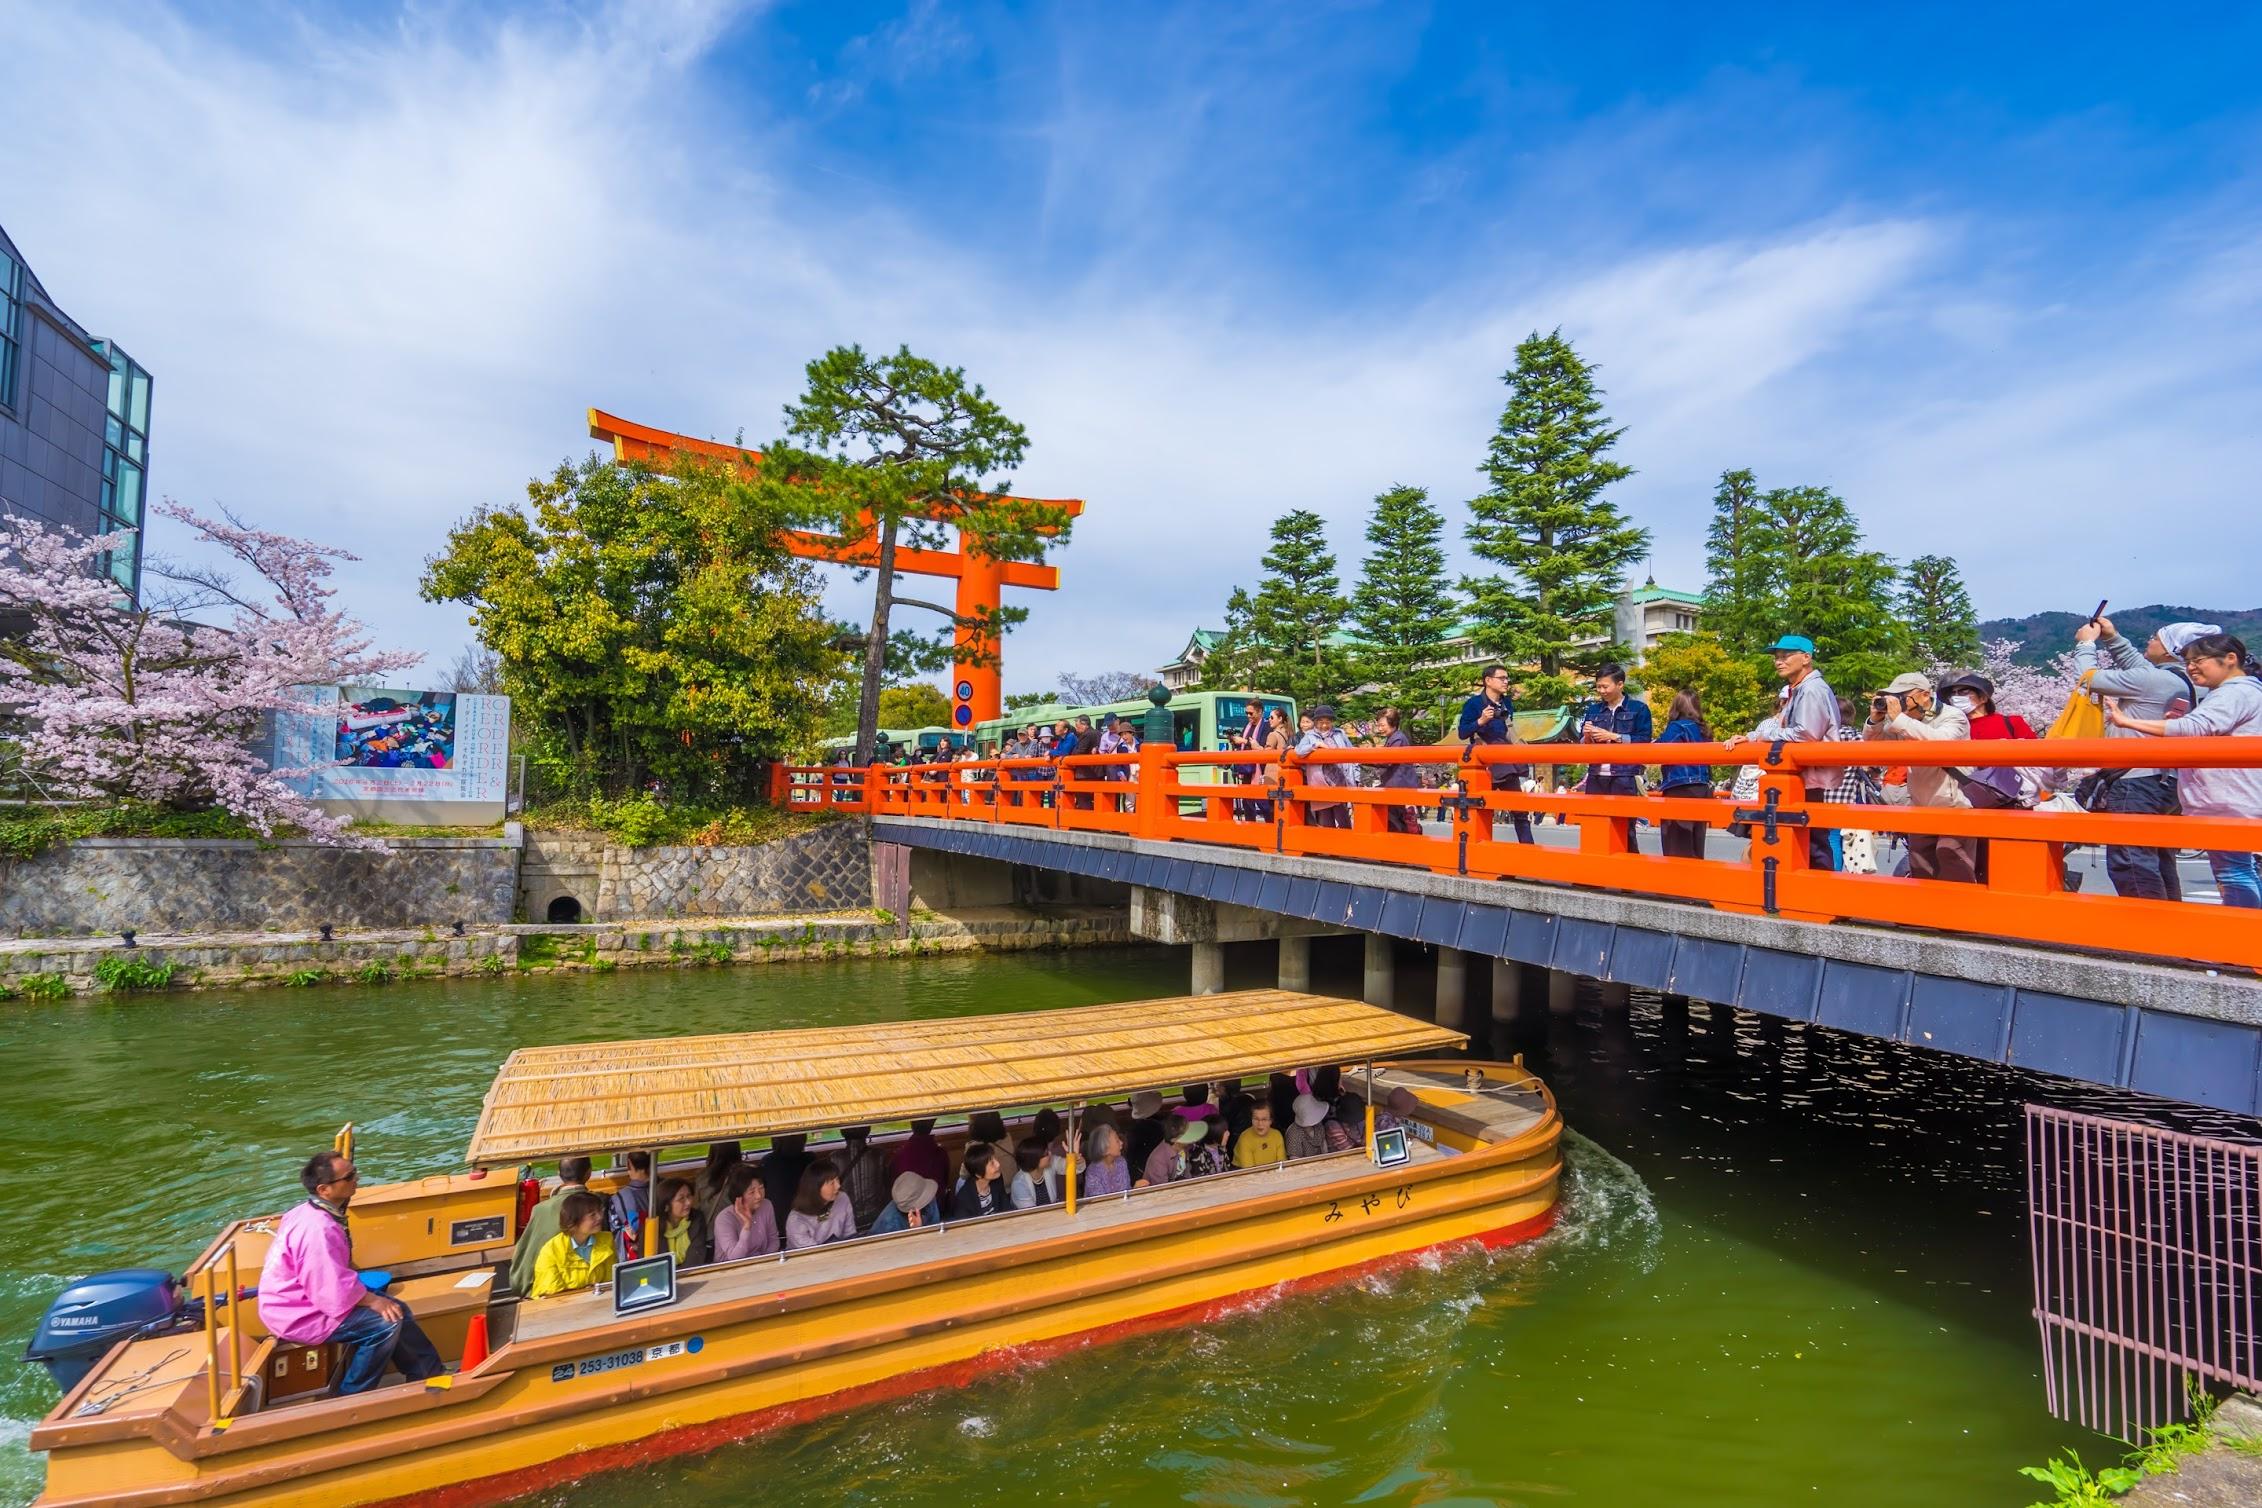 京都 岡崎疎水 十石舟3